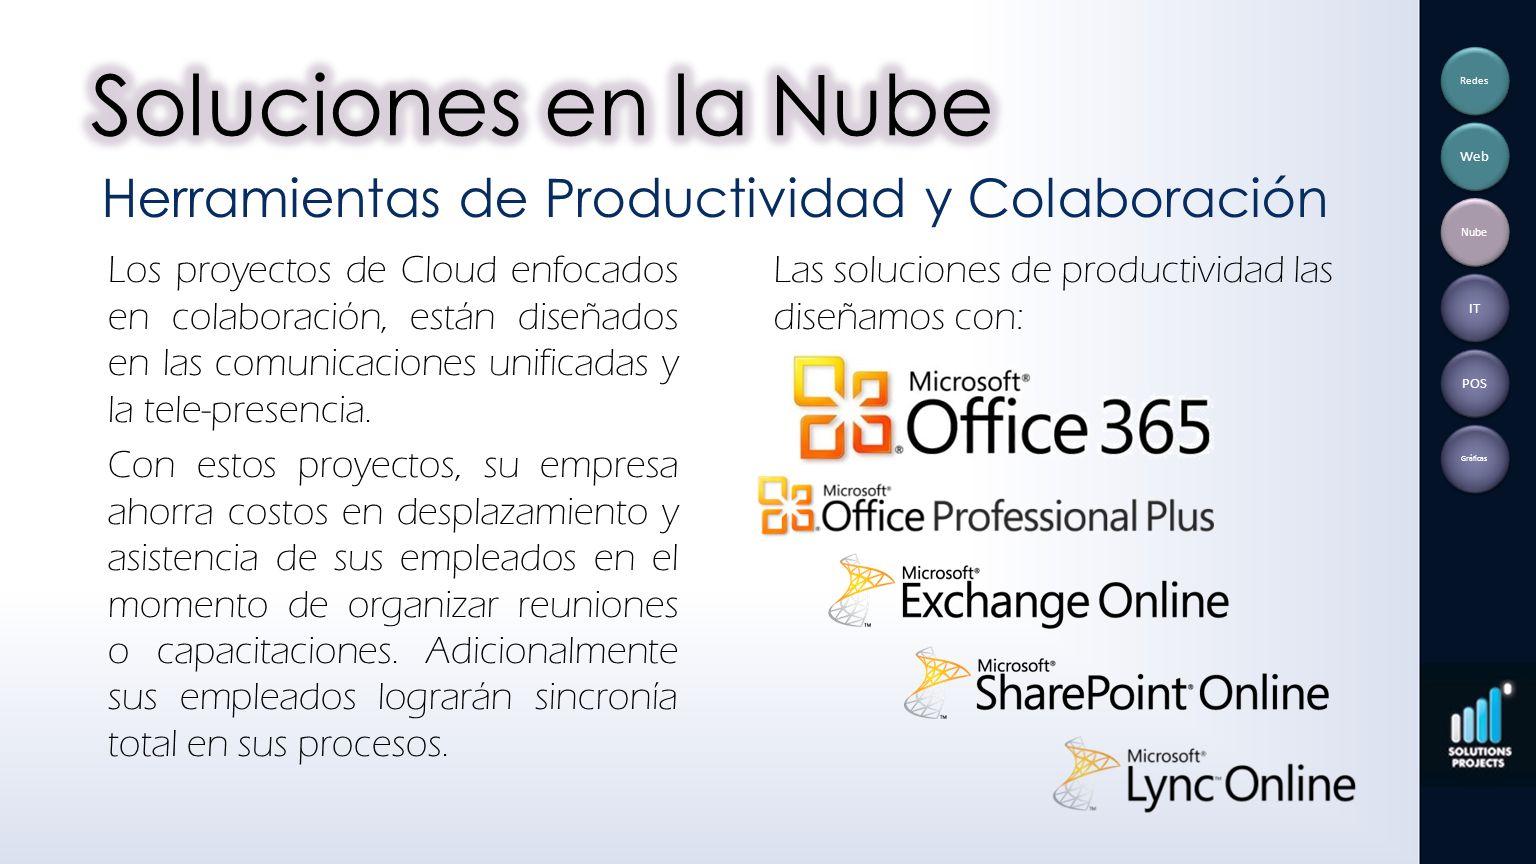 Los proyectos de Cloud enfocados en colaboración, están diseñados en las comunicaciones unificadas y la tele-presencia. Con estos proyectos, su empres